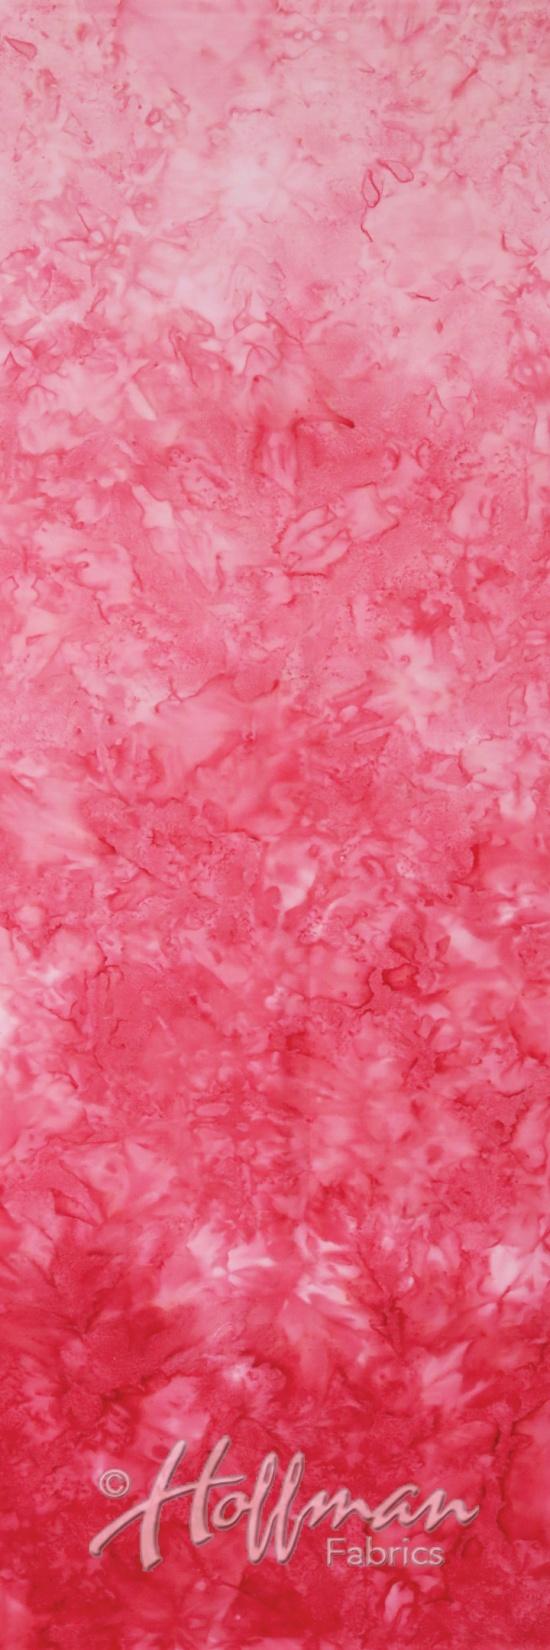 851-575-Mardi-Gras Bali Fabrics